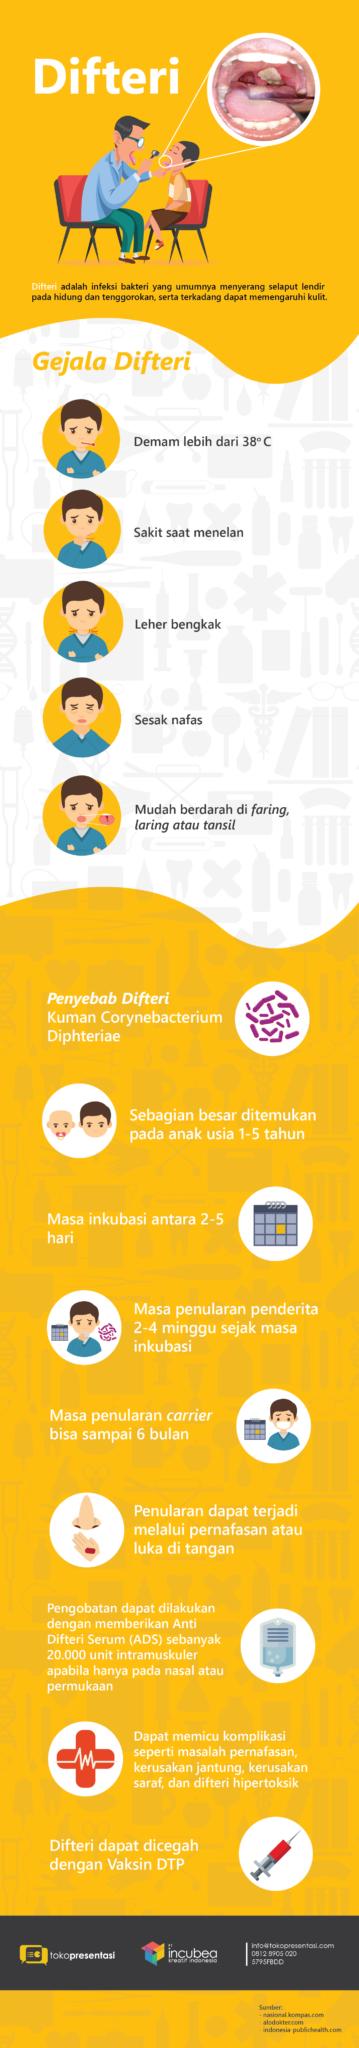 gejala difteri jasa infografis tokopresentasi.com